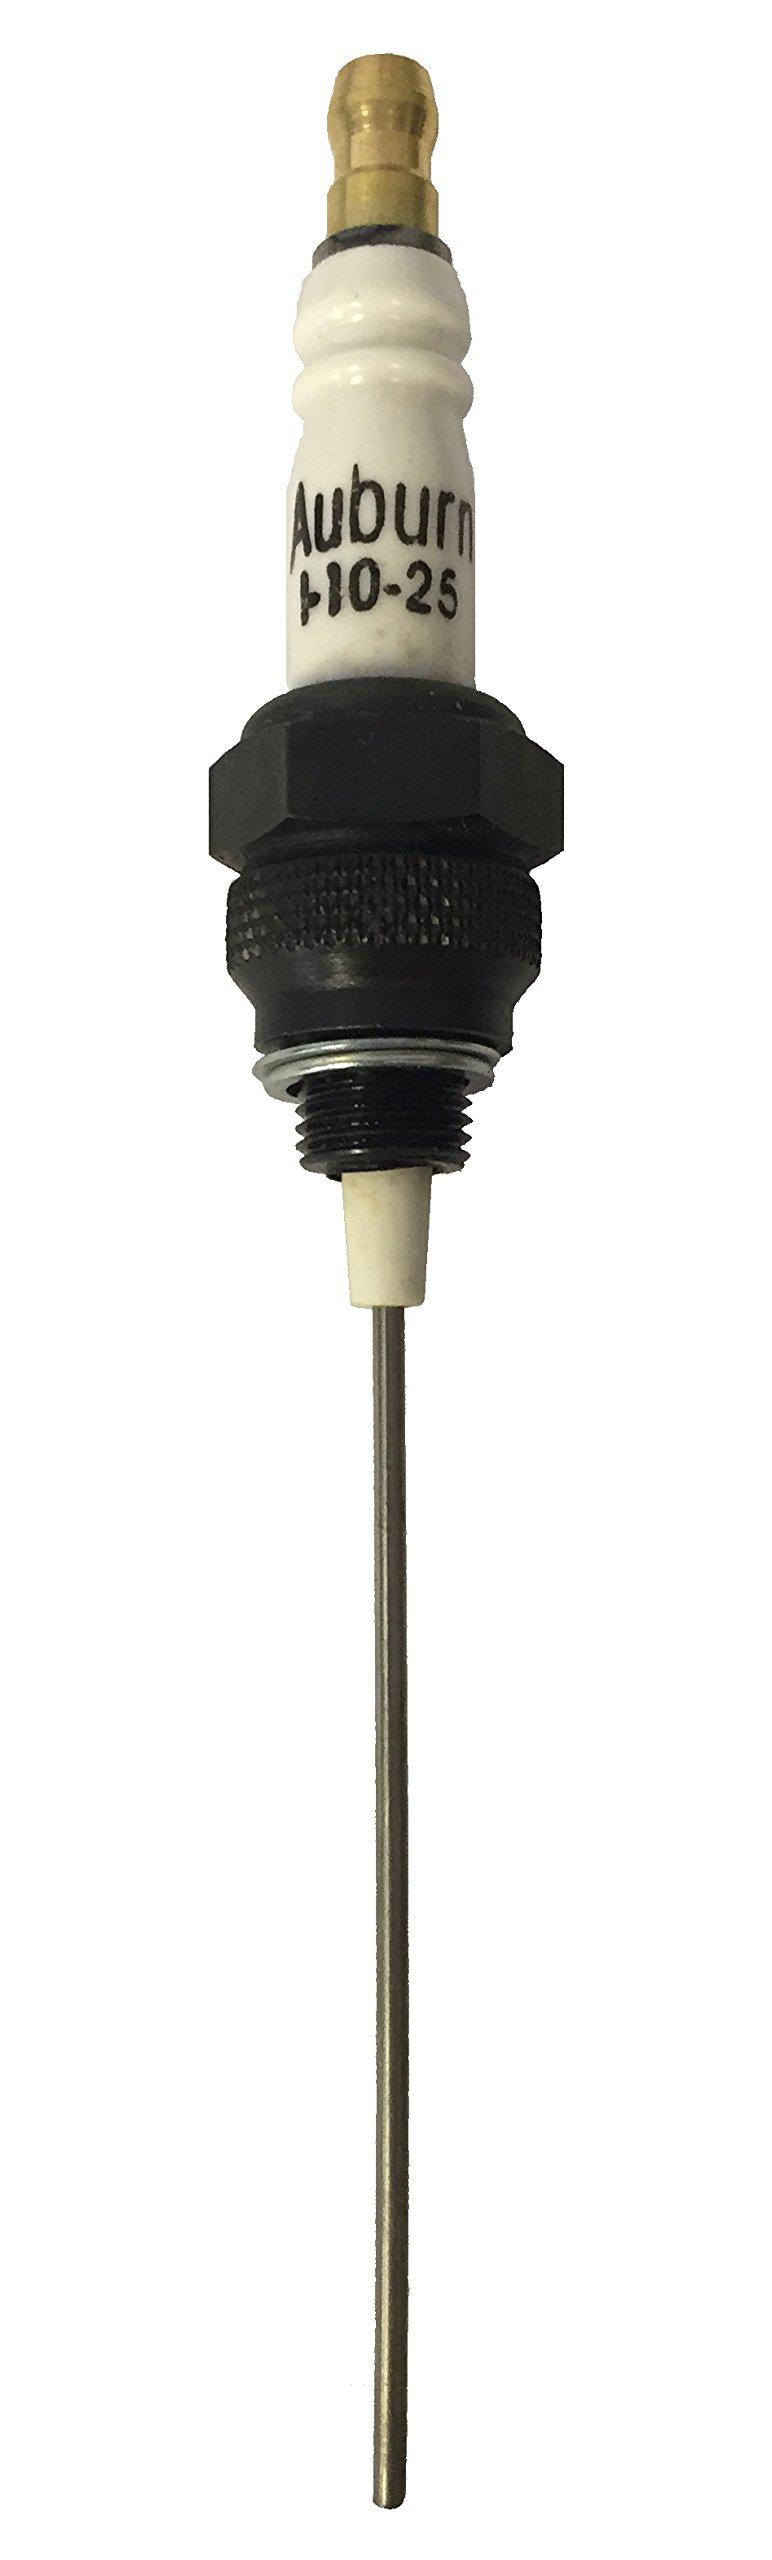 I-10-25 Auburn Igniter (Spark Plug)